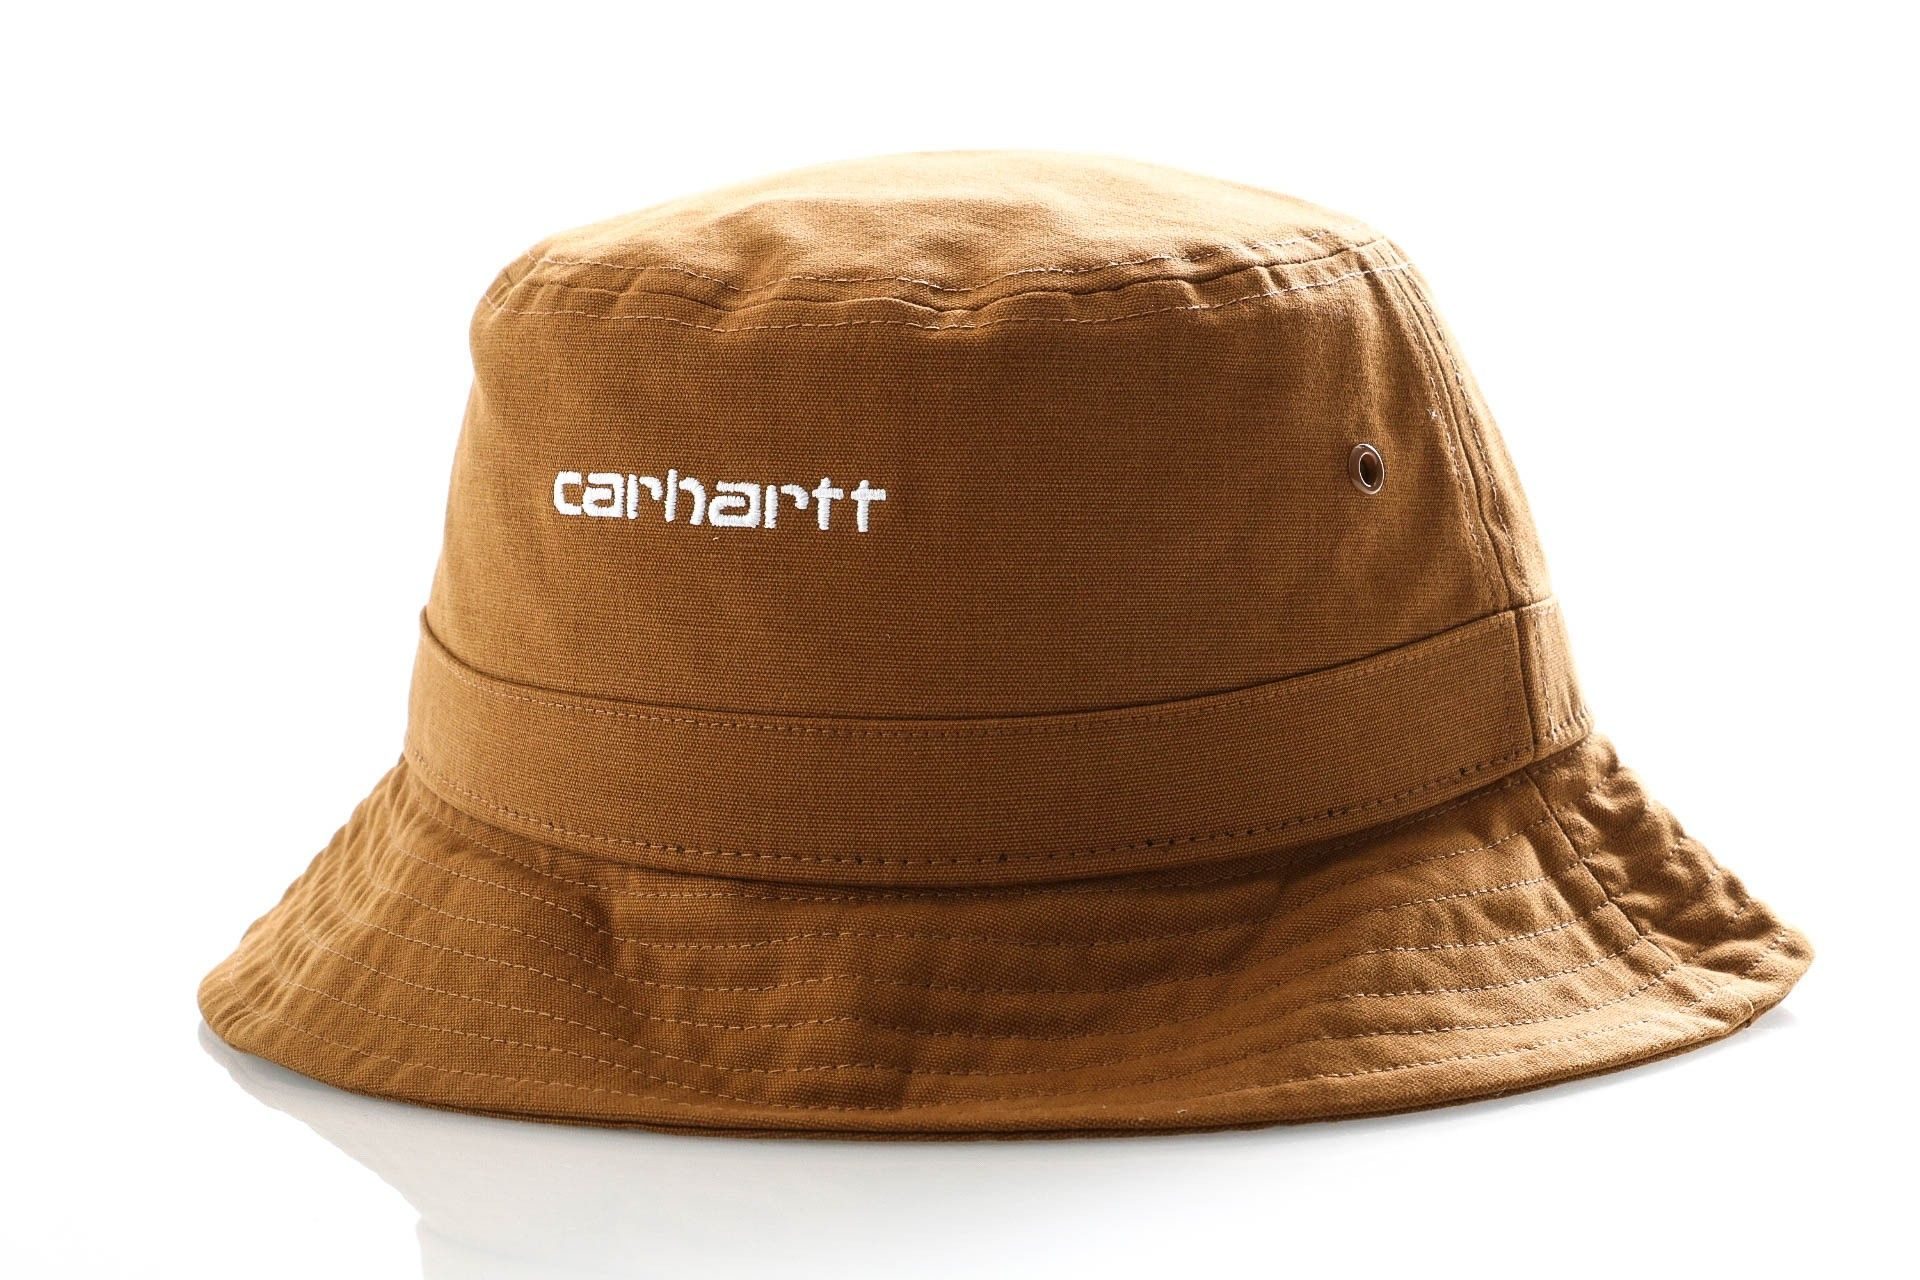 Afbeelding van Carhartt Bucket Script Bucket Hat Hamilton Brown / White I026217